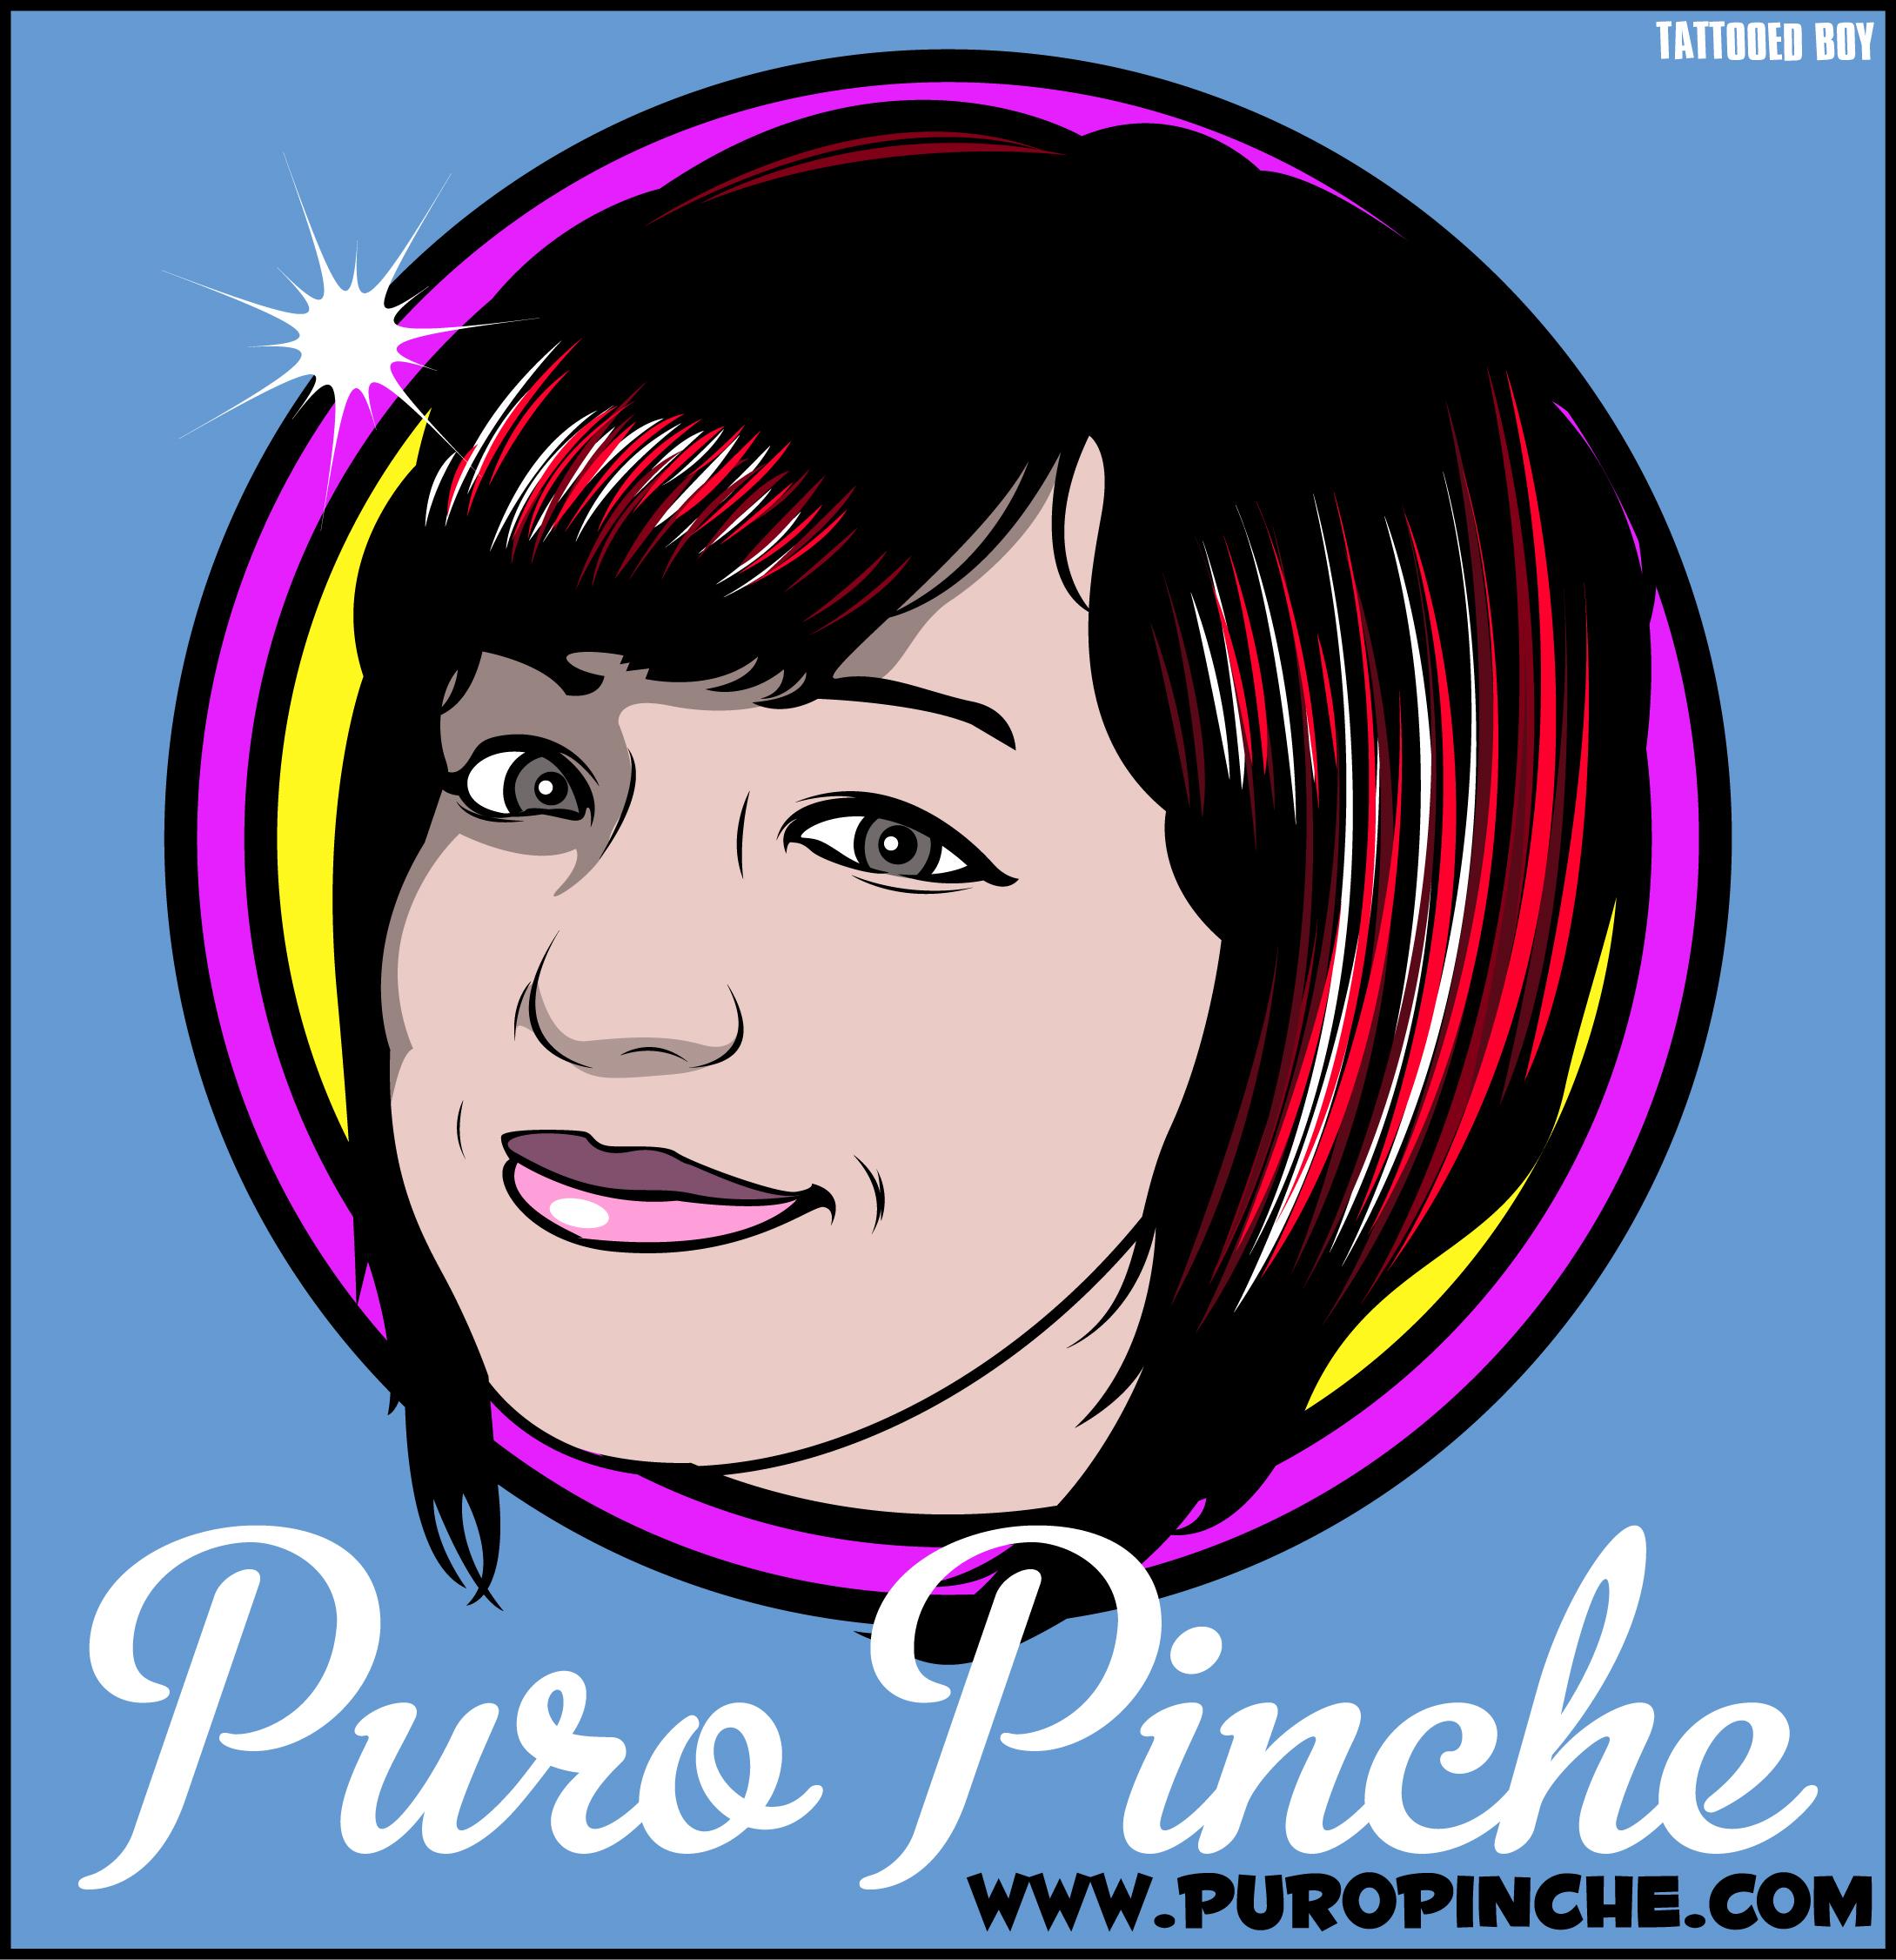 Puro Pinche!